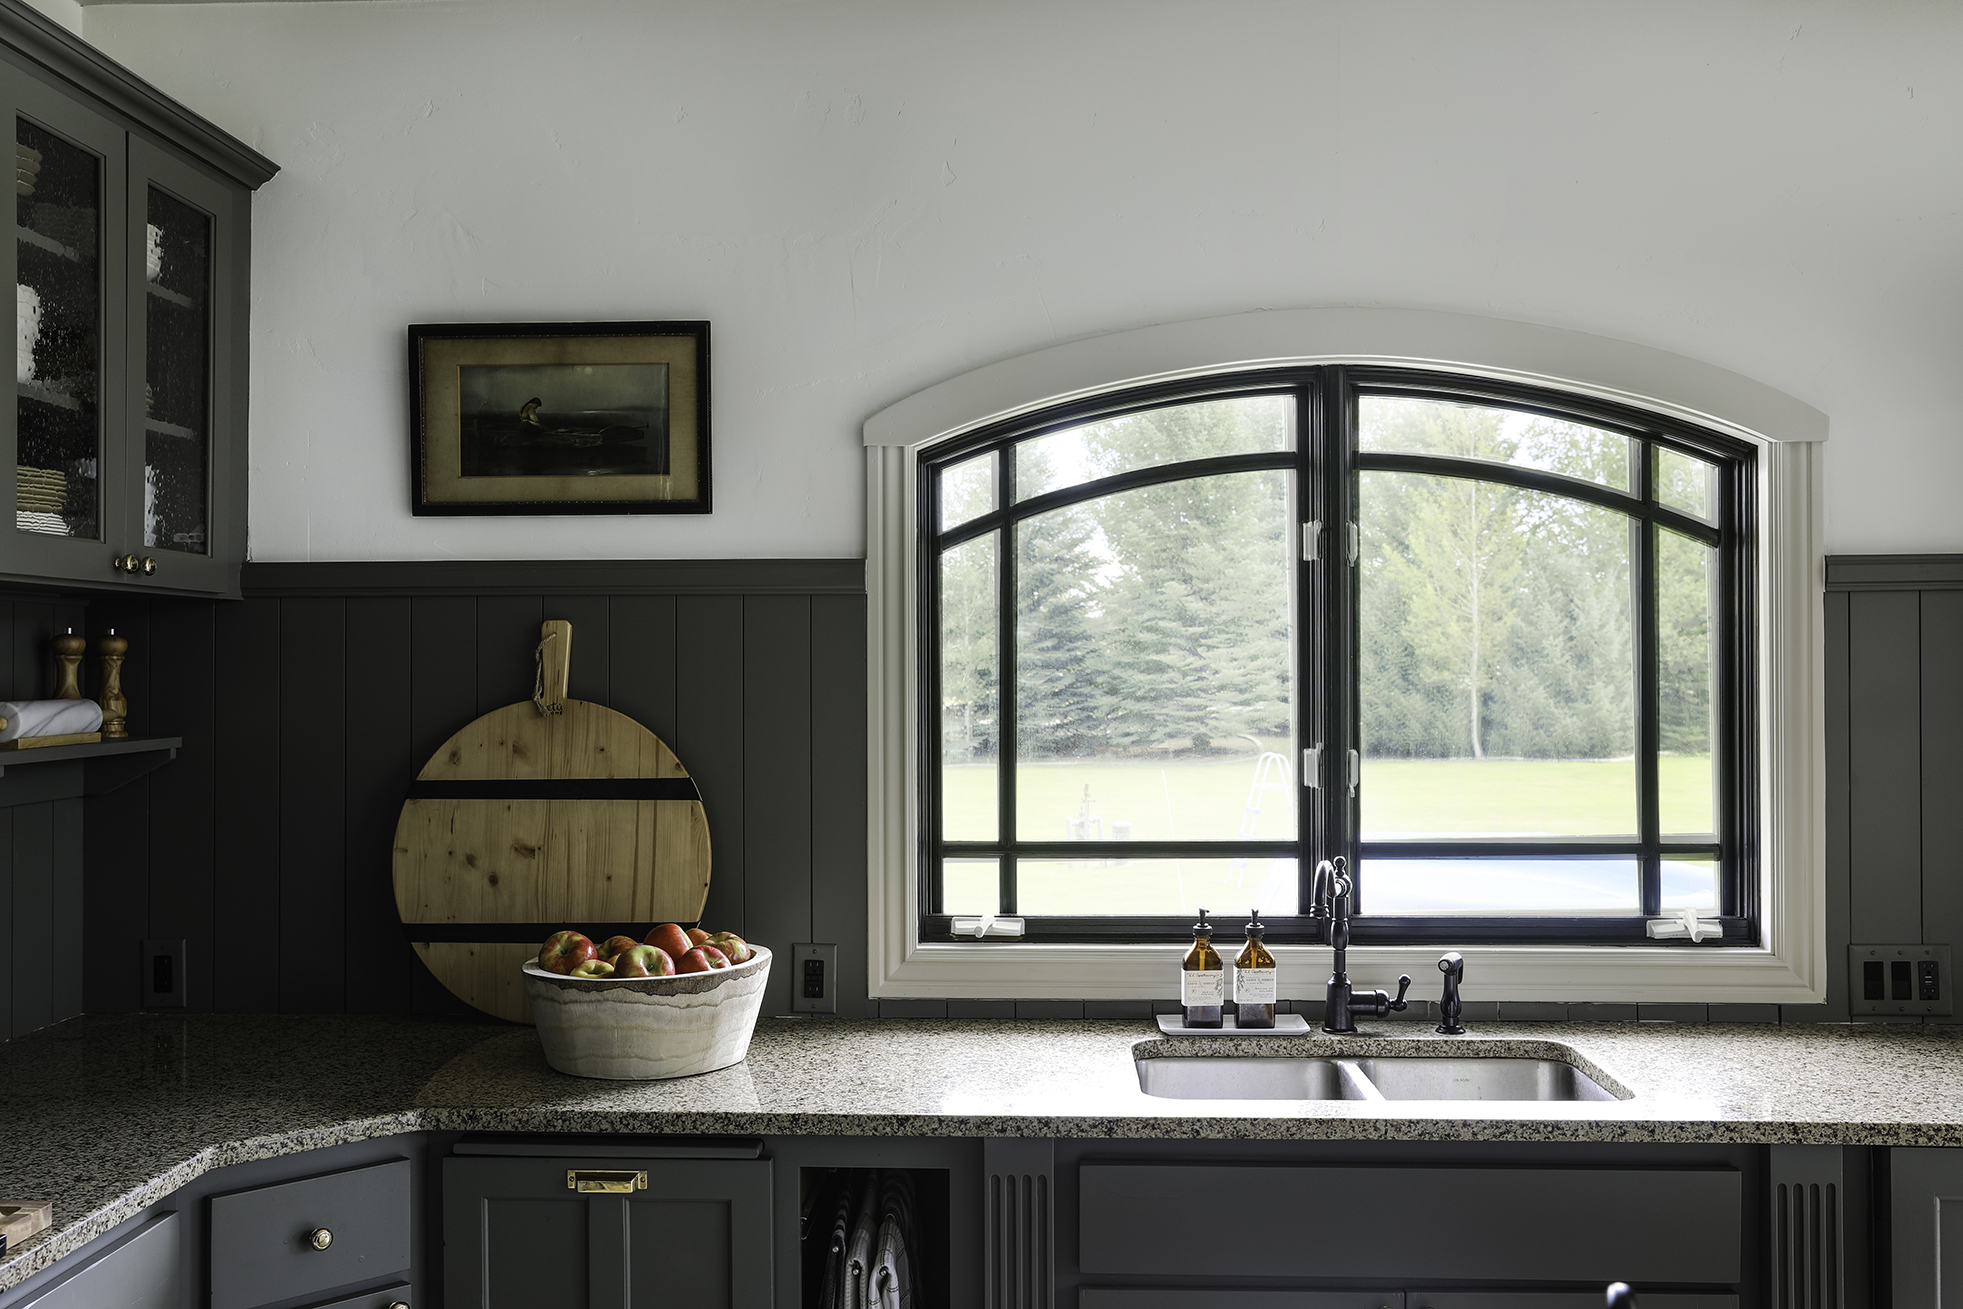 Budget Friendly modern cottage kitchen5.jpg